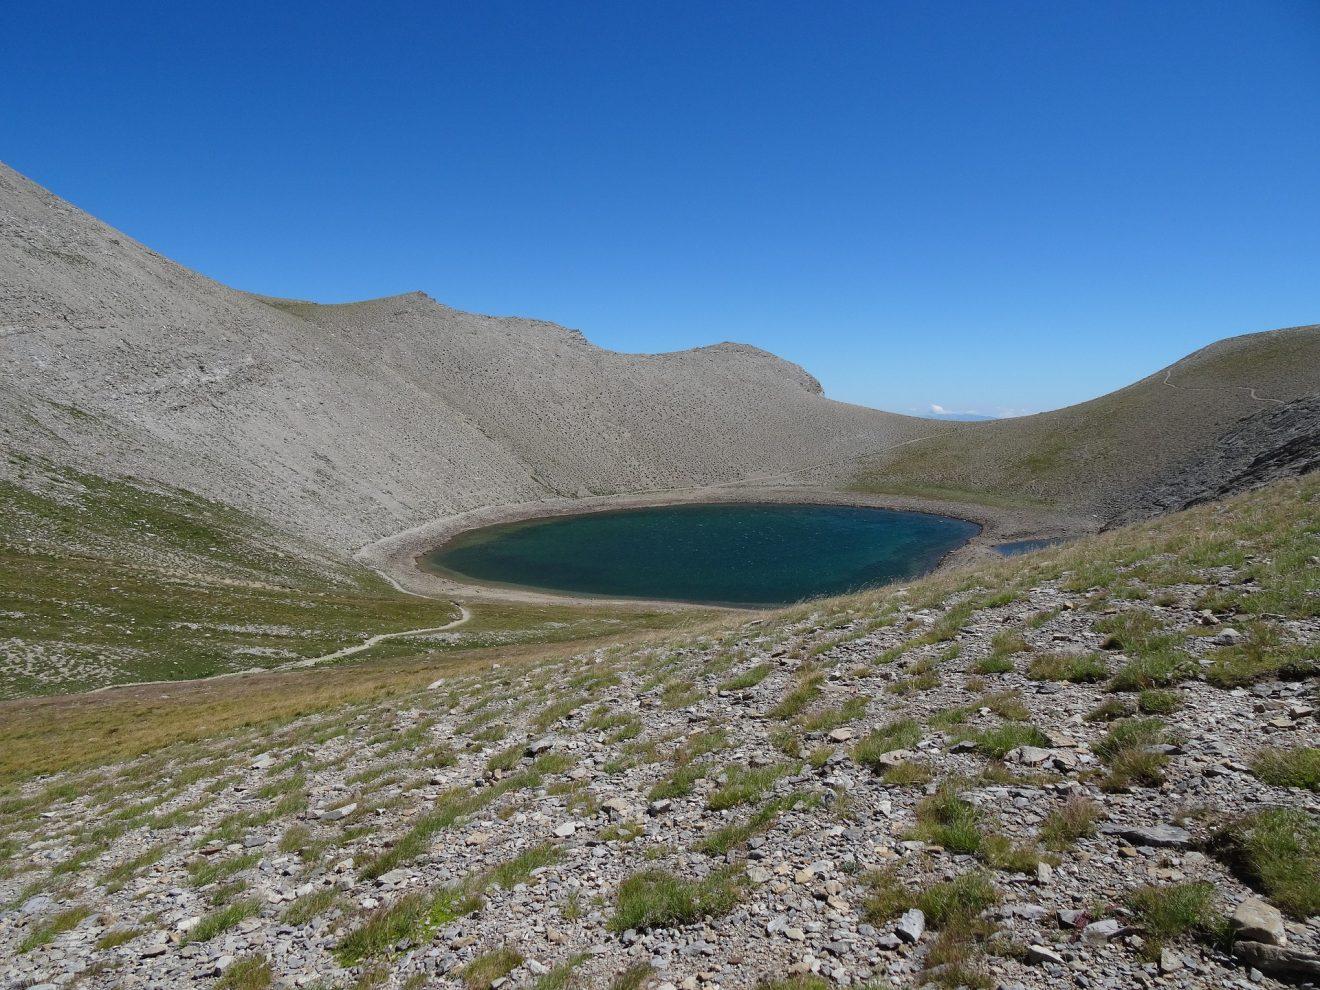 lake-garet-1621891_1920